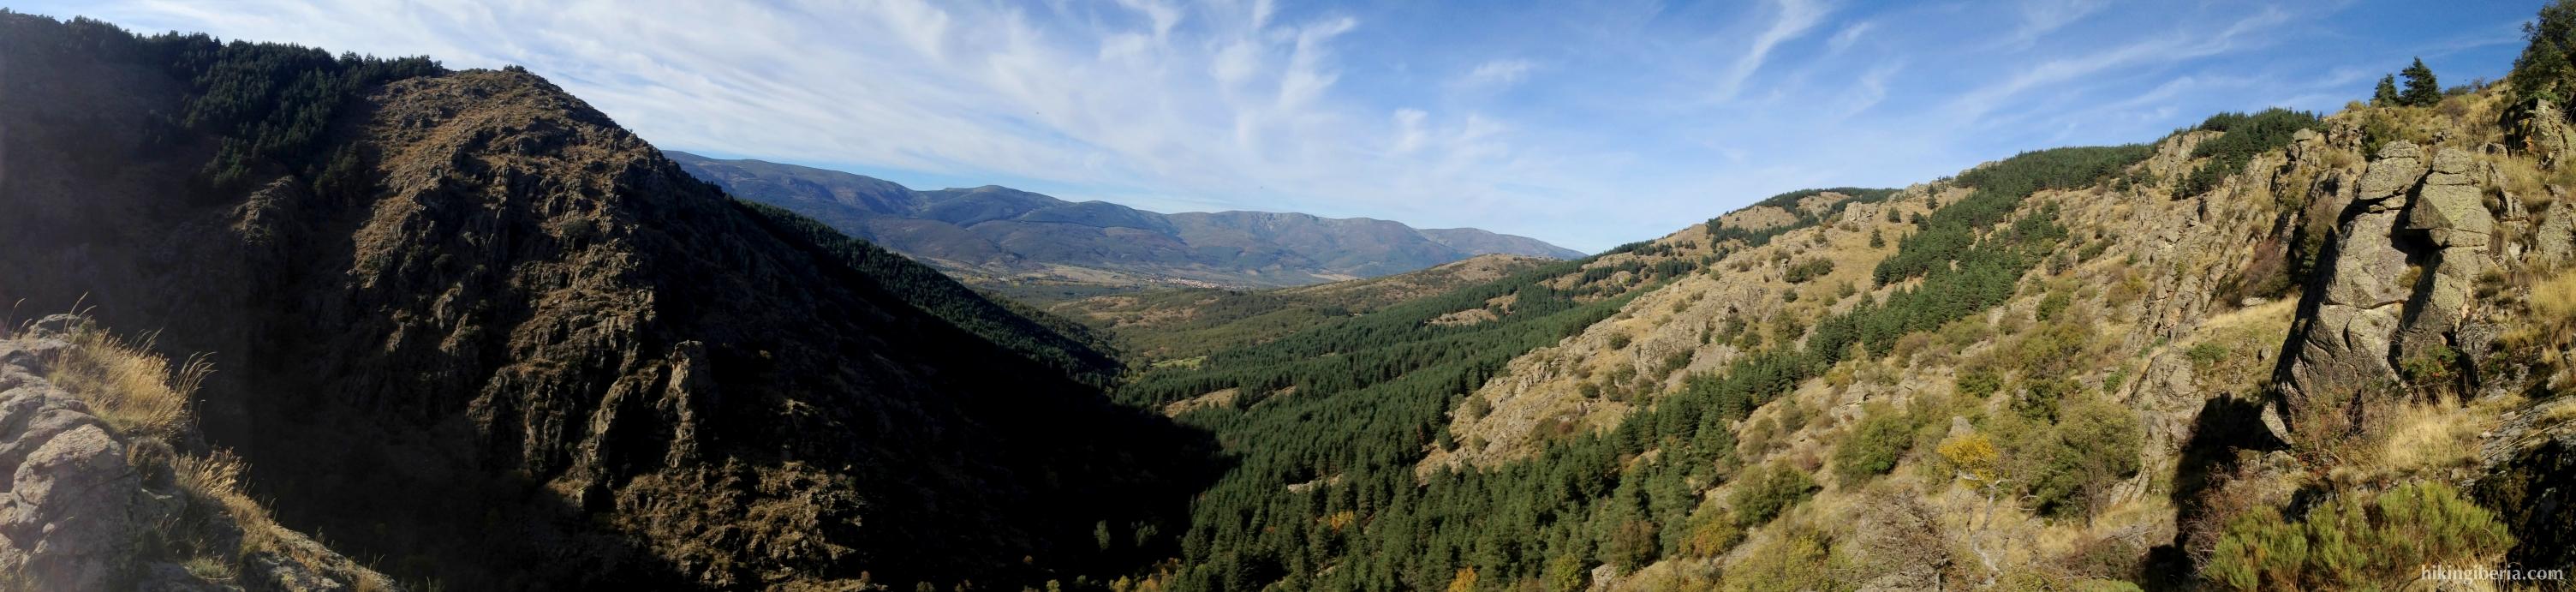 Cascade of the Purgatorio